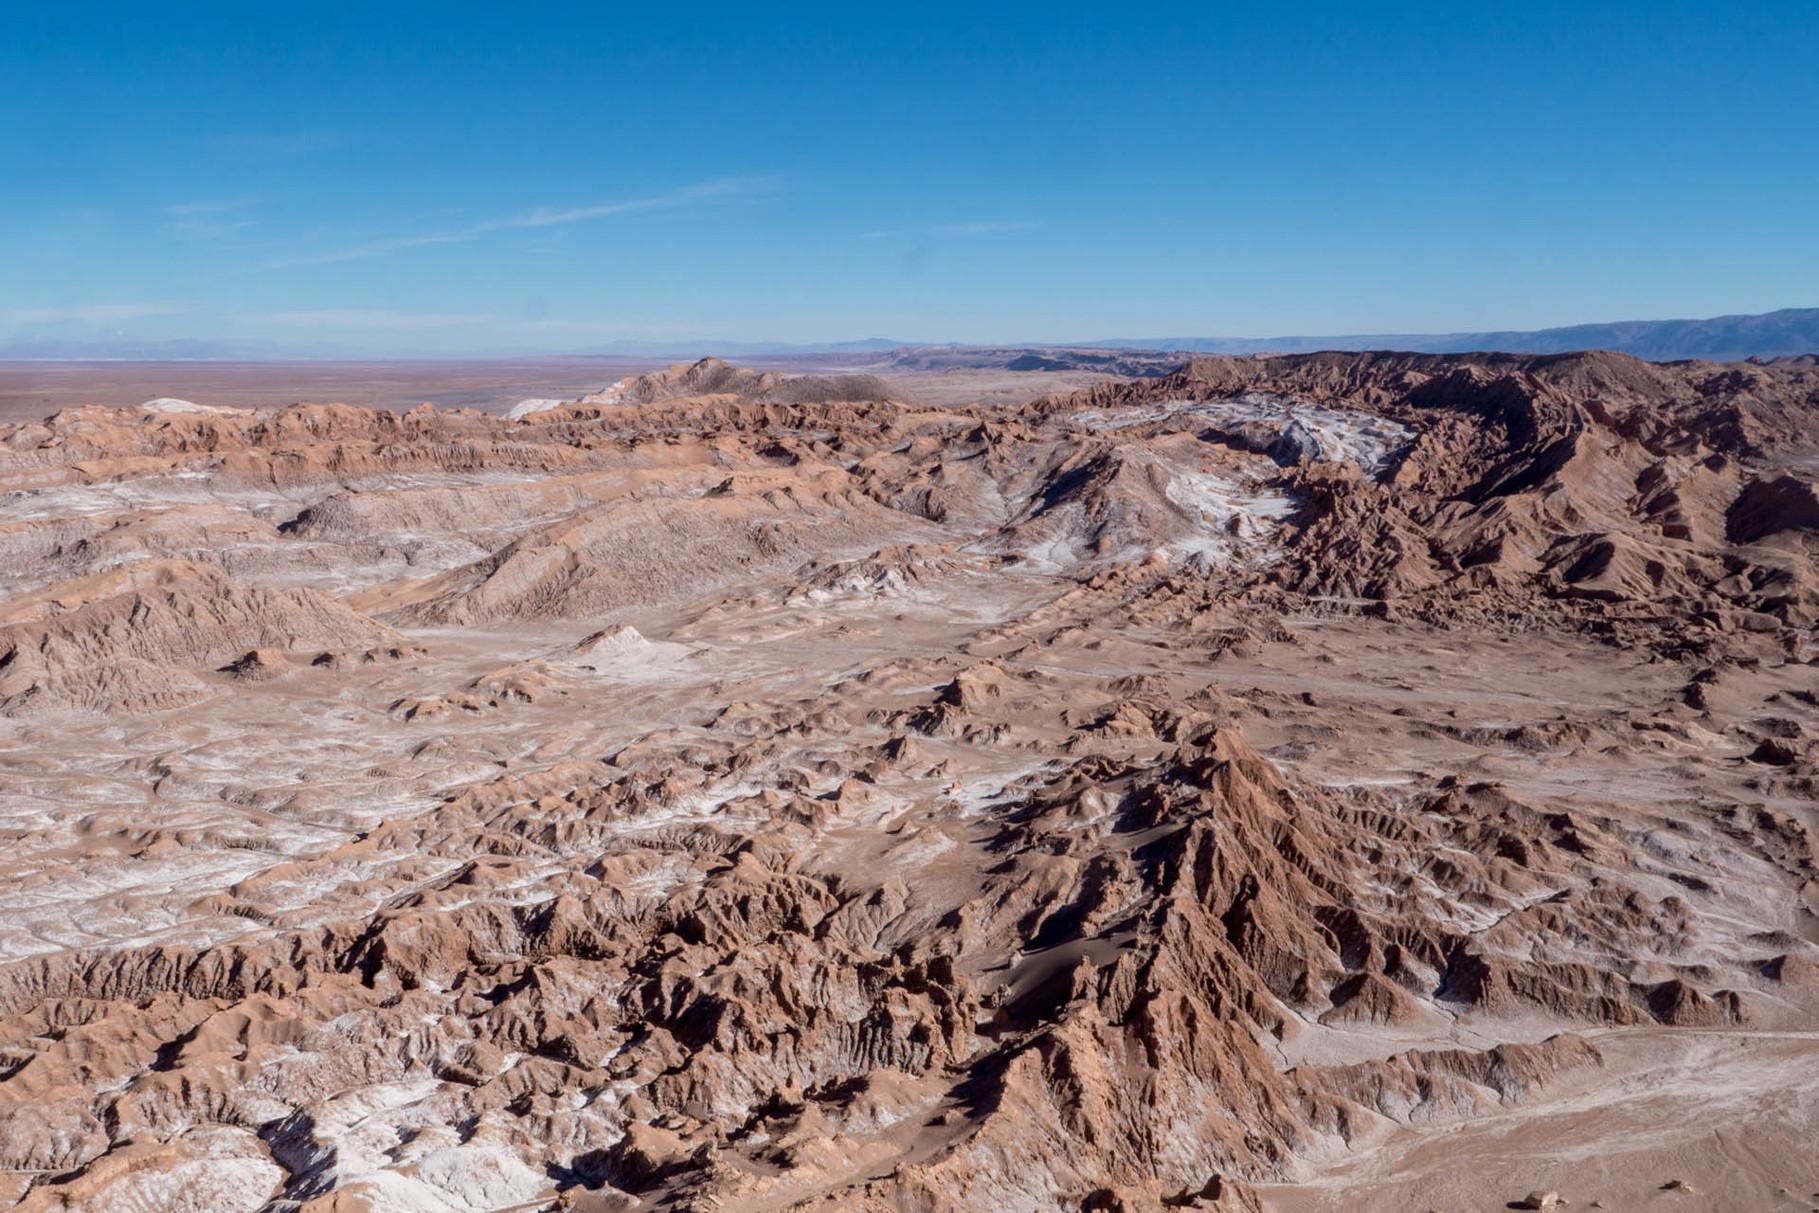 Vale de la luna (Moon valley), near San Pedro de Atacama, Chile